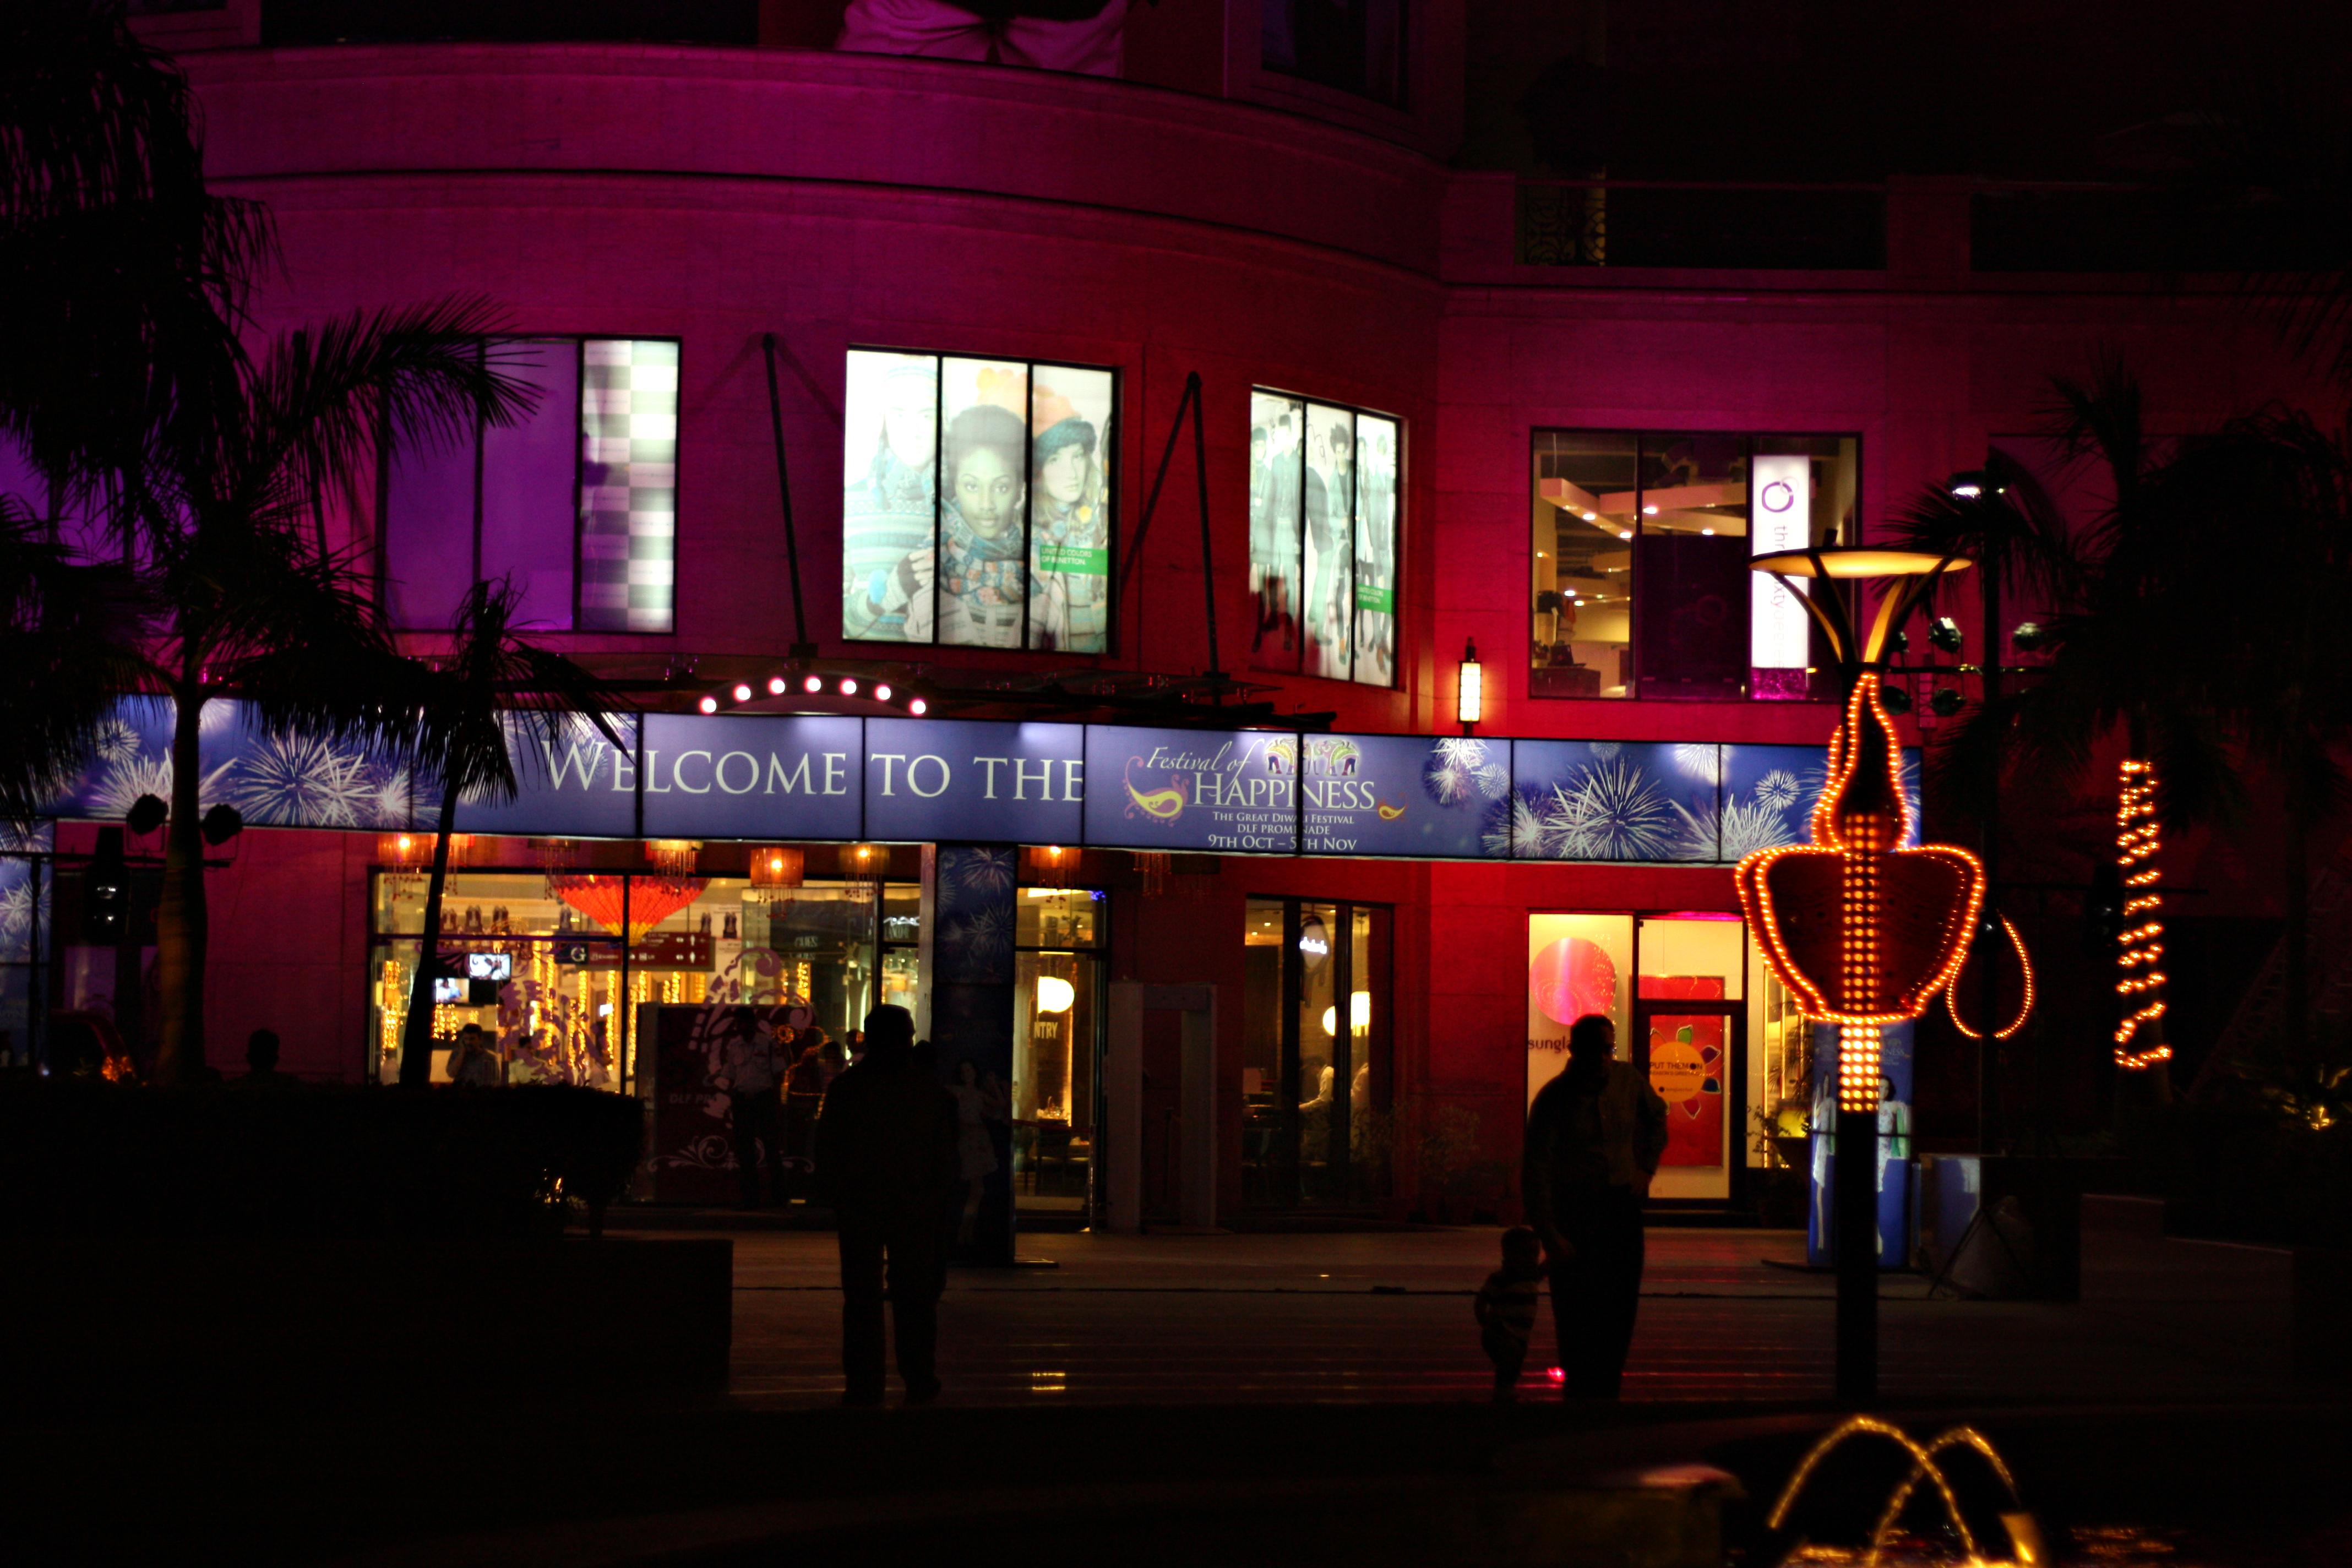 DLF Courtyard Mall